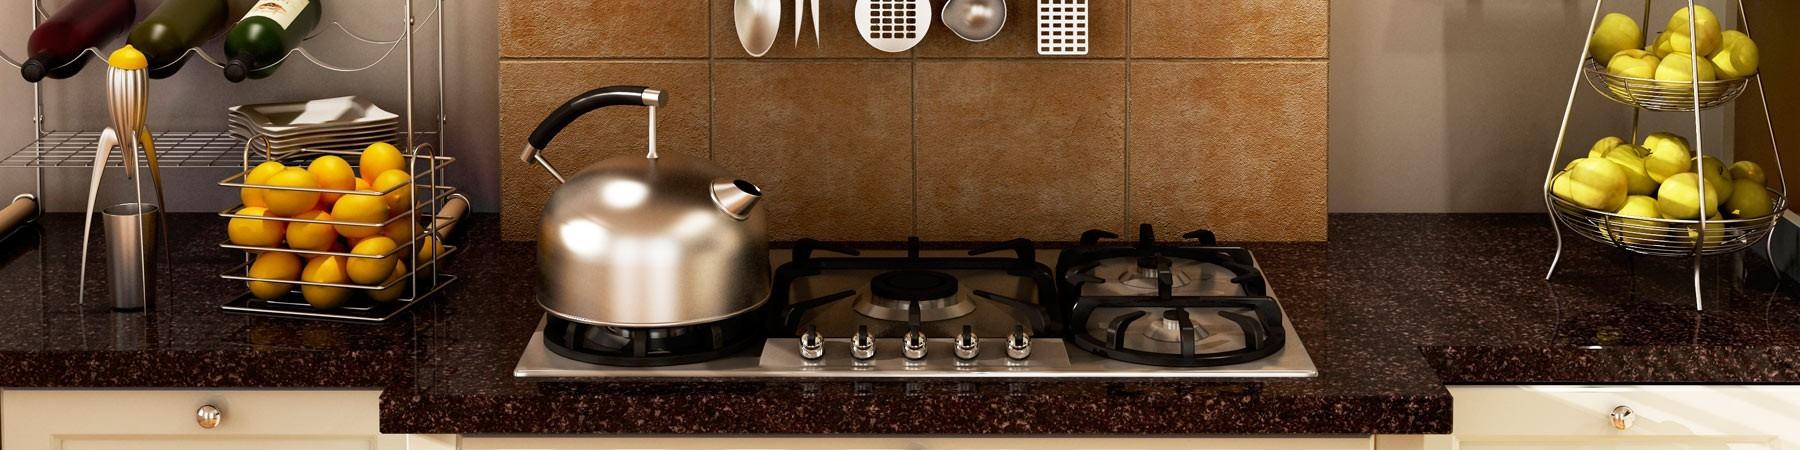 Máy nướng bánh, máy làm bánh dùng cho phòng bếp gia đình. Chính hãng